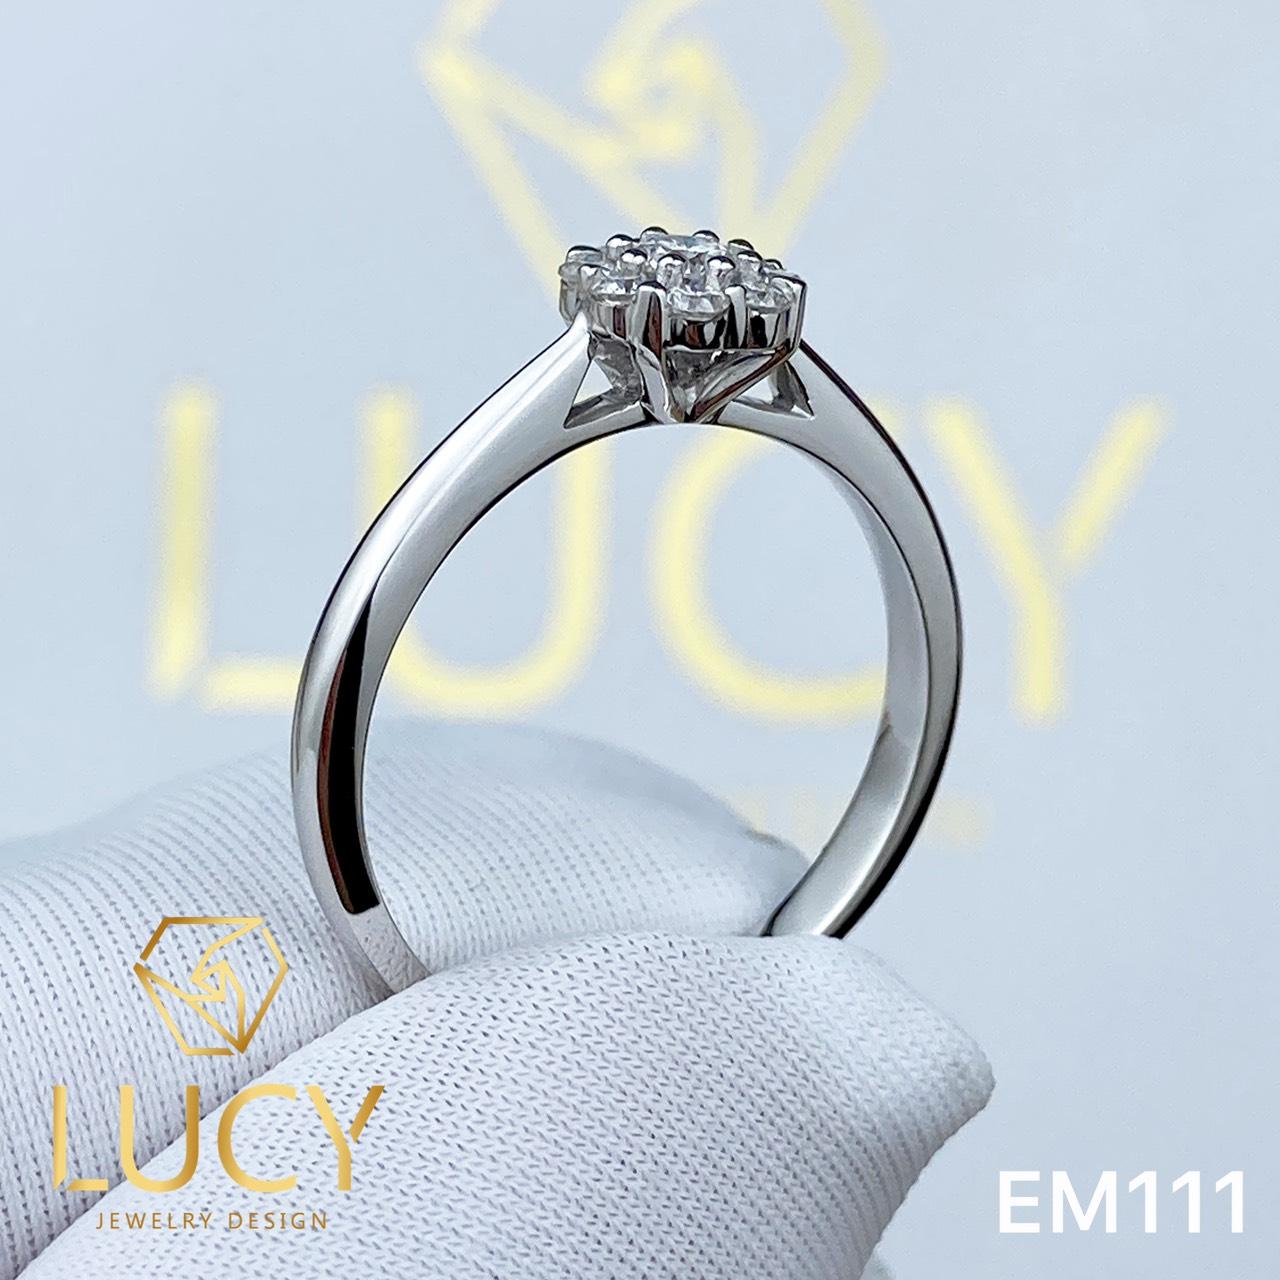 EM111 Nhẫn cầu hôn đính hôn, nhẫn vàng nữ, nhẫn ổ kim cương - Lucy Jewelry